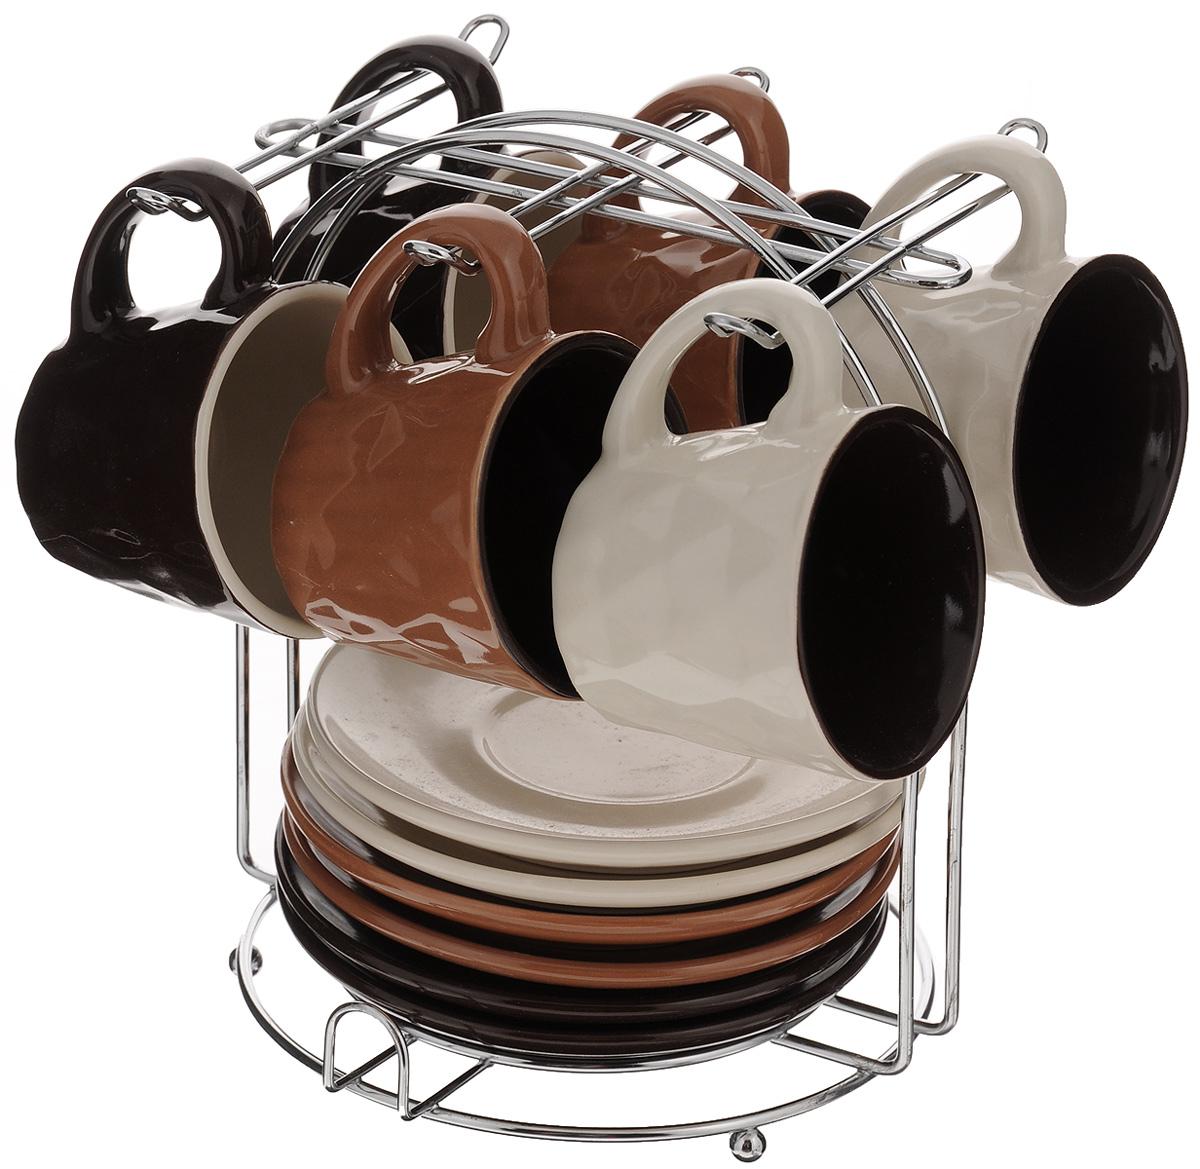 Набор кофейный Loraine, 13 предметов. 24668VT-1520(SR)Кофейный набор Loraine состоит из 6 чашек и 6 блюдец. Посуда изготовлена из высококачественной керамики. Для предметов набора предусмотрена специальная металлическая подставка с крючками для чашек и подставкой для блюдец. Изящный дизайн придется по вкусу и ценителям классики, и тем, кто предпочитает утонченность и изысканность. Набор Loraine настроит на позитивный лад и подарит хорошее настроение с самого утра. Он станет идеальным и необходимым подарком для вашего дома и для ваших друзей в праздники.Посуда подходит для использования в микроволновой печи и холодильнике, также можно мыть в посудомоечной машине. Объем чашки: 90 мл. Диаметр чашки (по верхнему краю): 6,5 см. Высота чашки: 5,5 см. Диаметр блюдца: 11,5 см. Высота блюдца: 1,7 см.Размер подставки: 14,5 х 15 х 18,7 см.